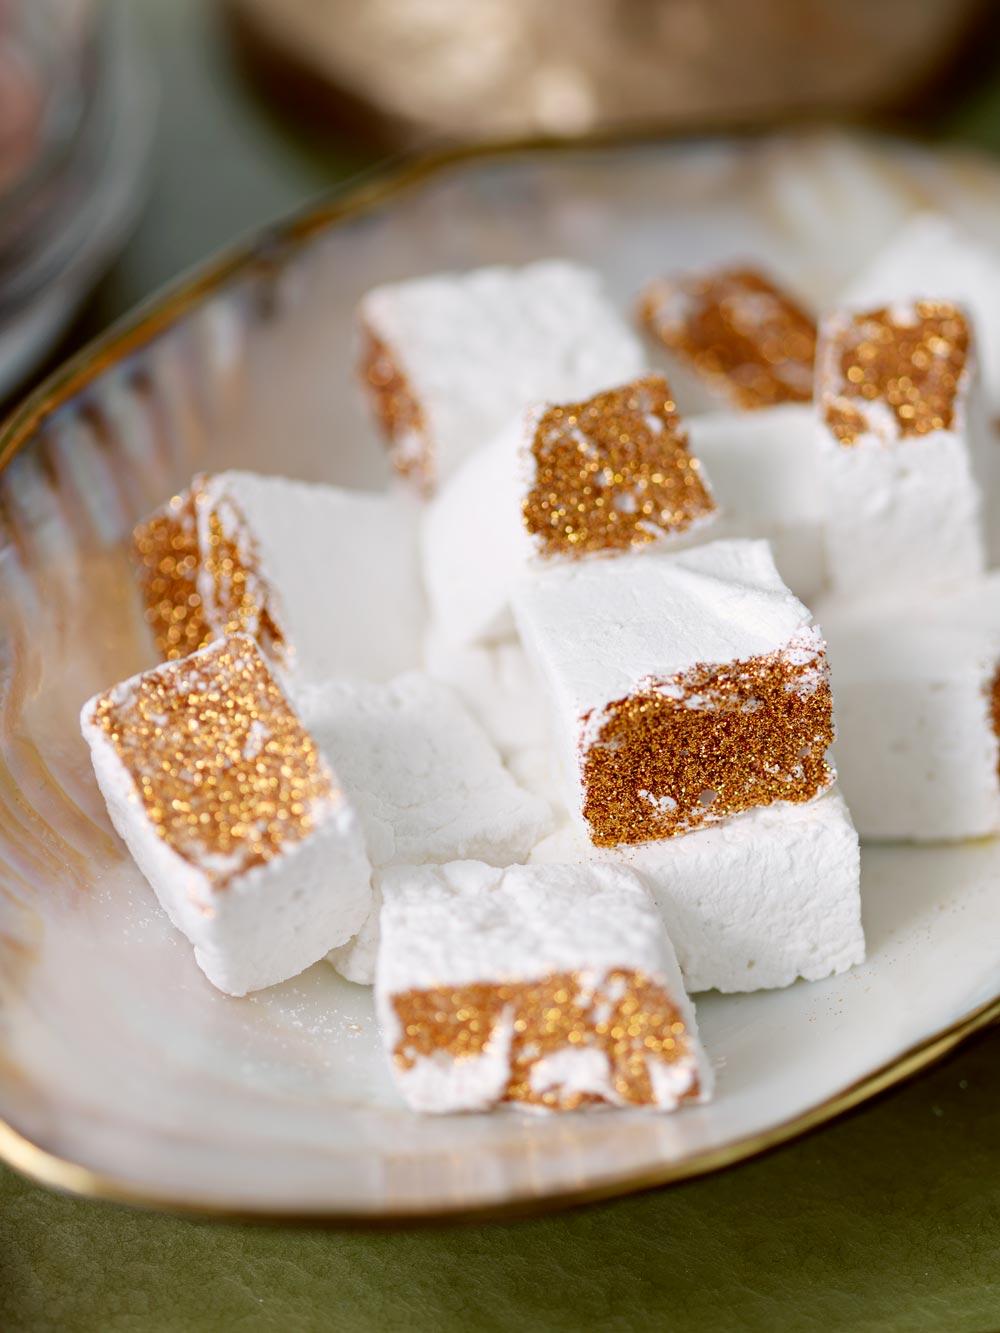 CW14_Spring_haven-marshmallows-kurtz